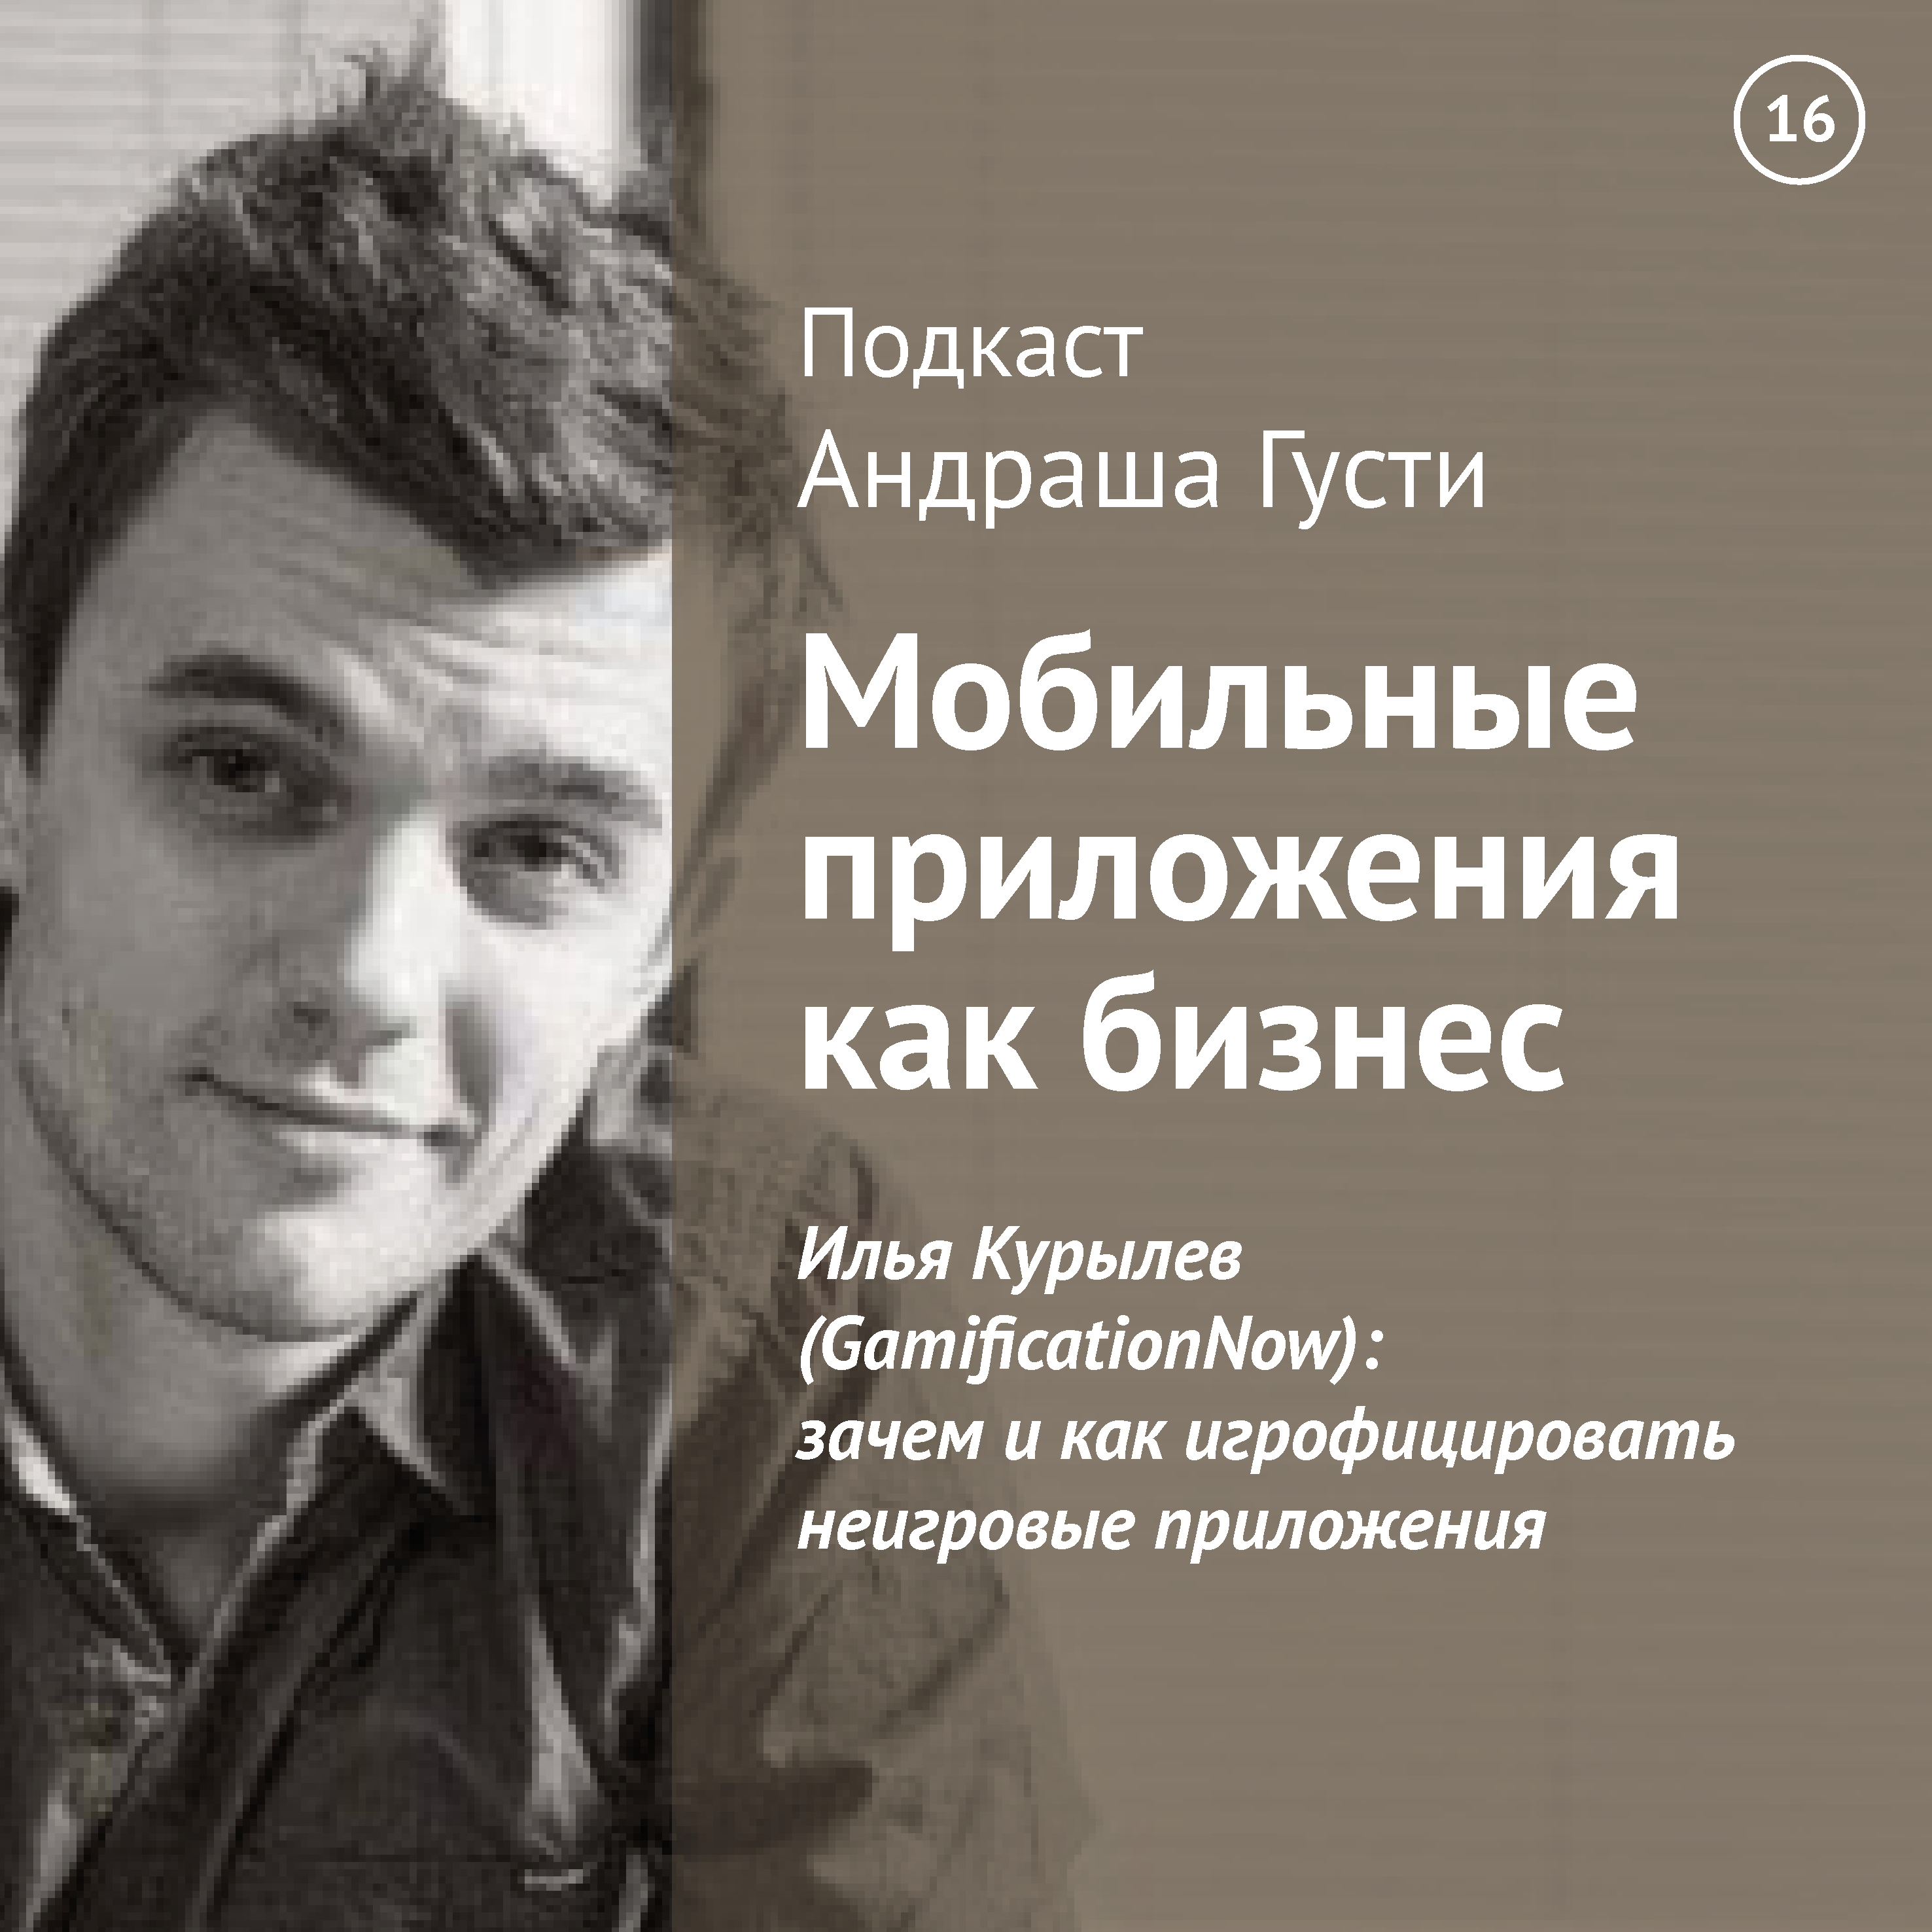 Илья Курылев (GamificationNow): зачем и как игрофицировать неигровые приложения